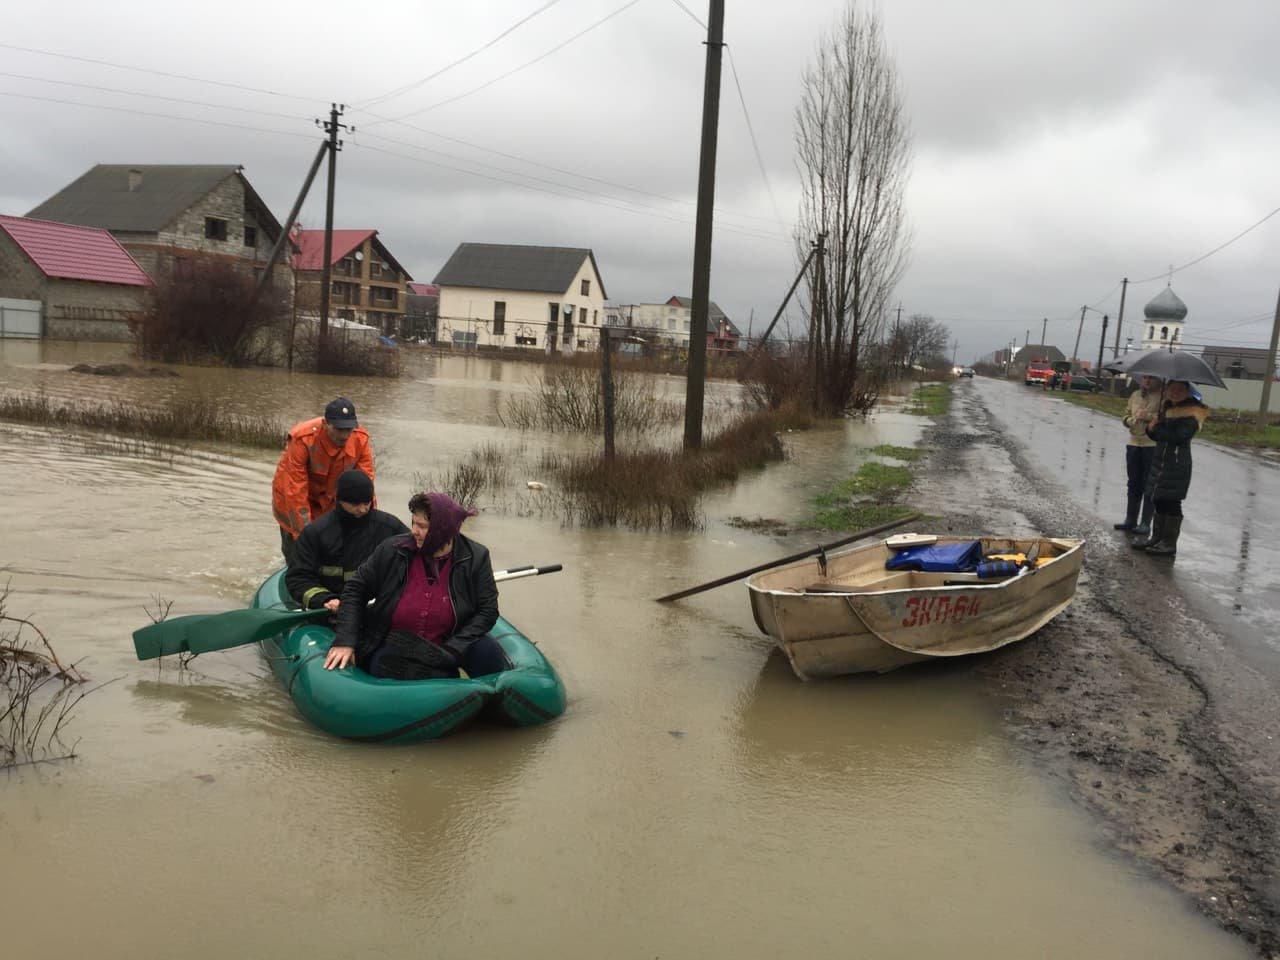 Ситуація стабілізувалася: на Закарпатті човнами евакуювали людей, постраждалих від паводку (ФОТО, ВІДЕО), фото-12